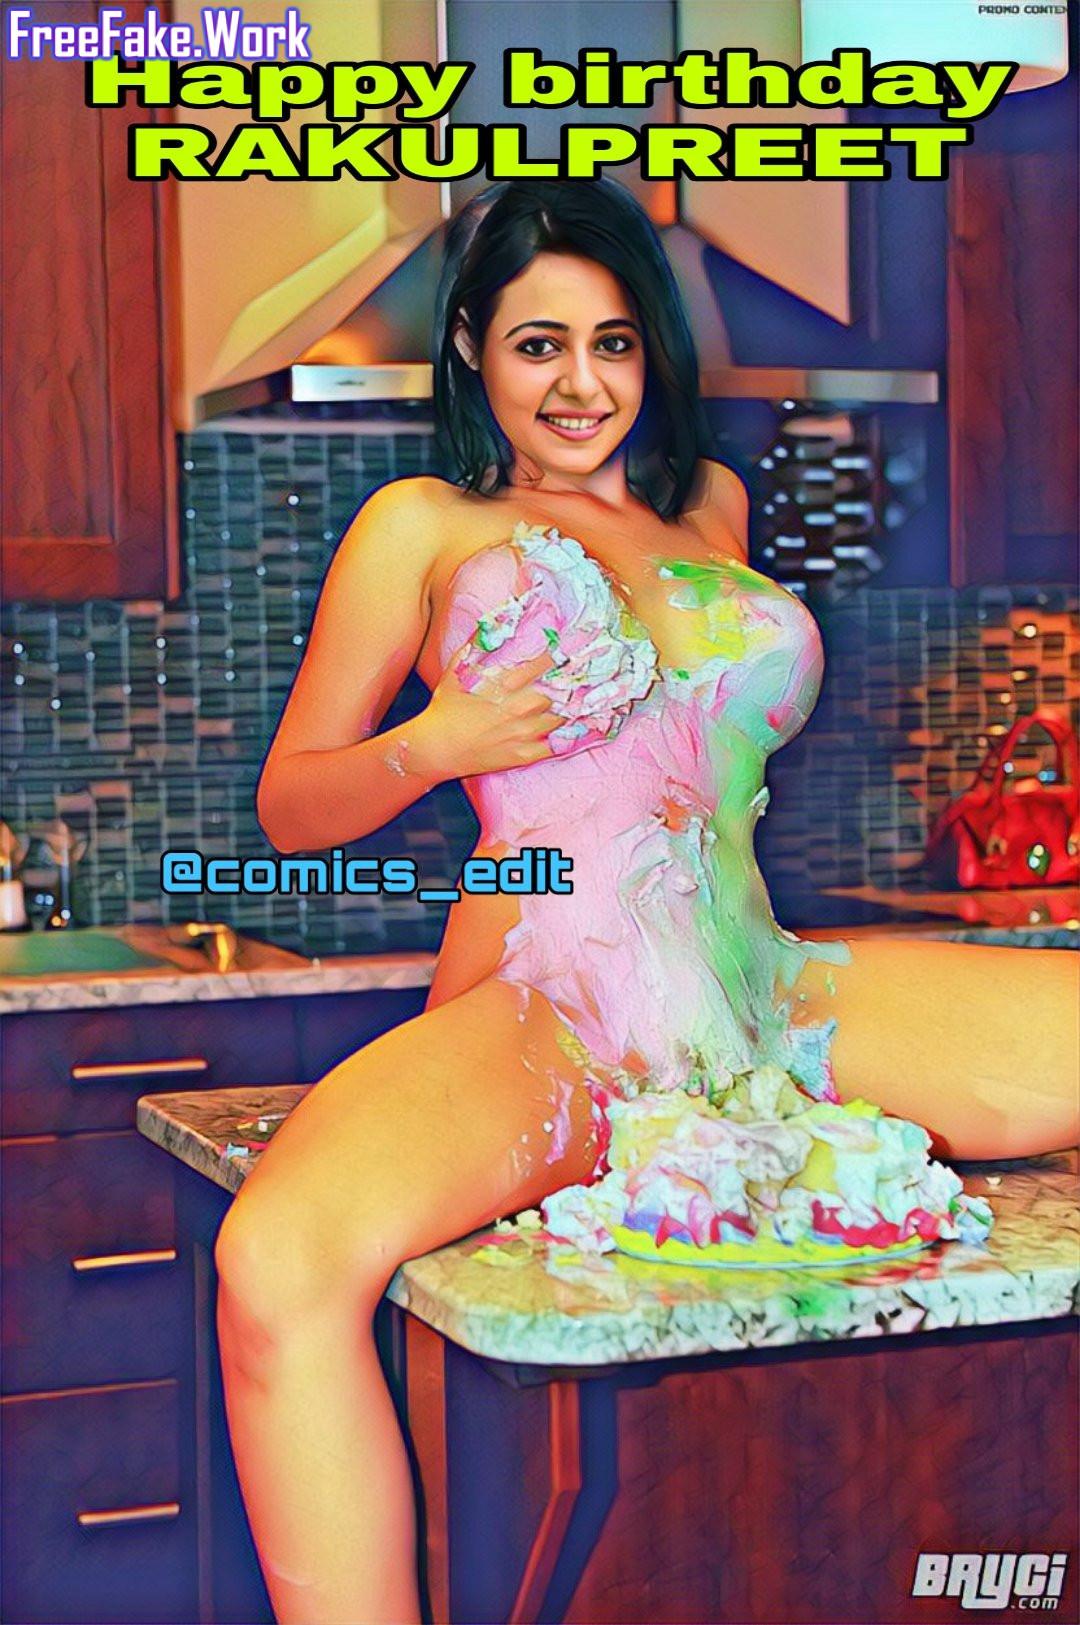 Full-nude-HBD-girl-Rakul-Preet-Singh-birthday-cake-on-her-naked-body.jpg